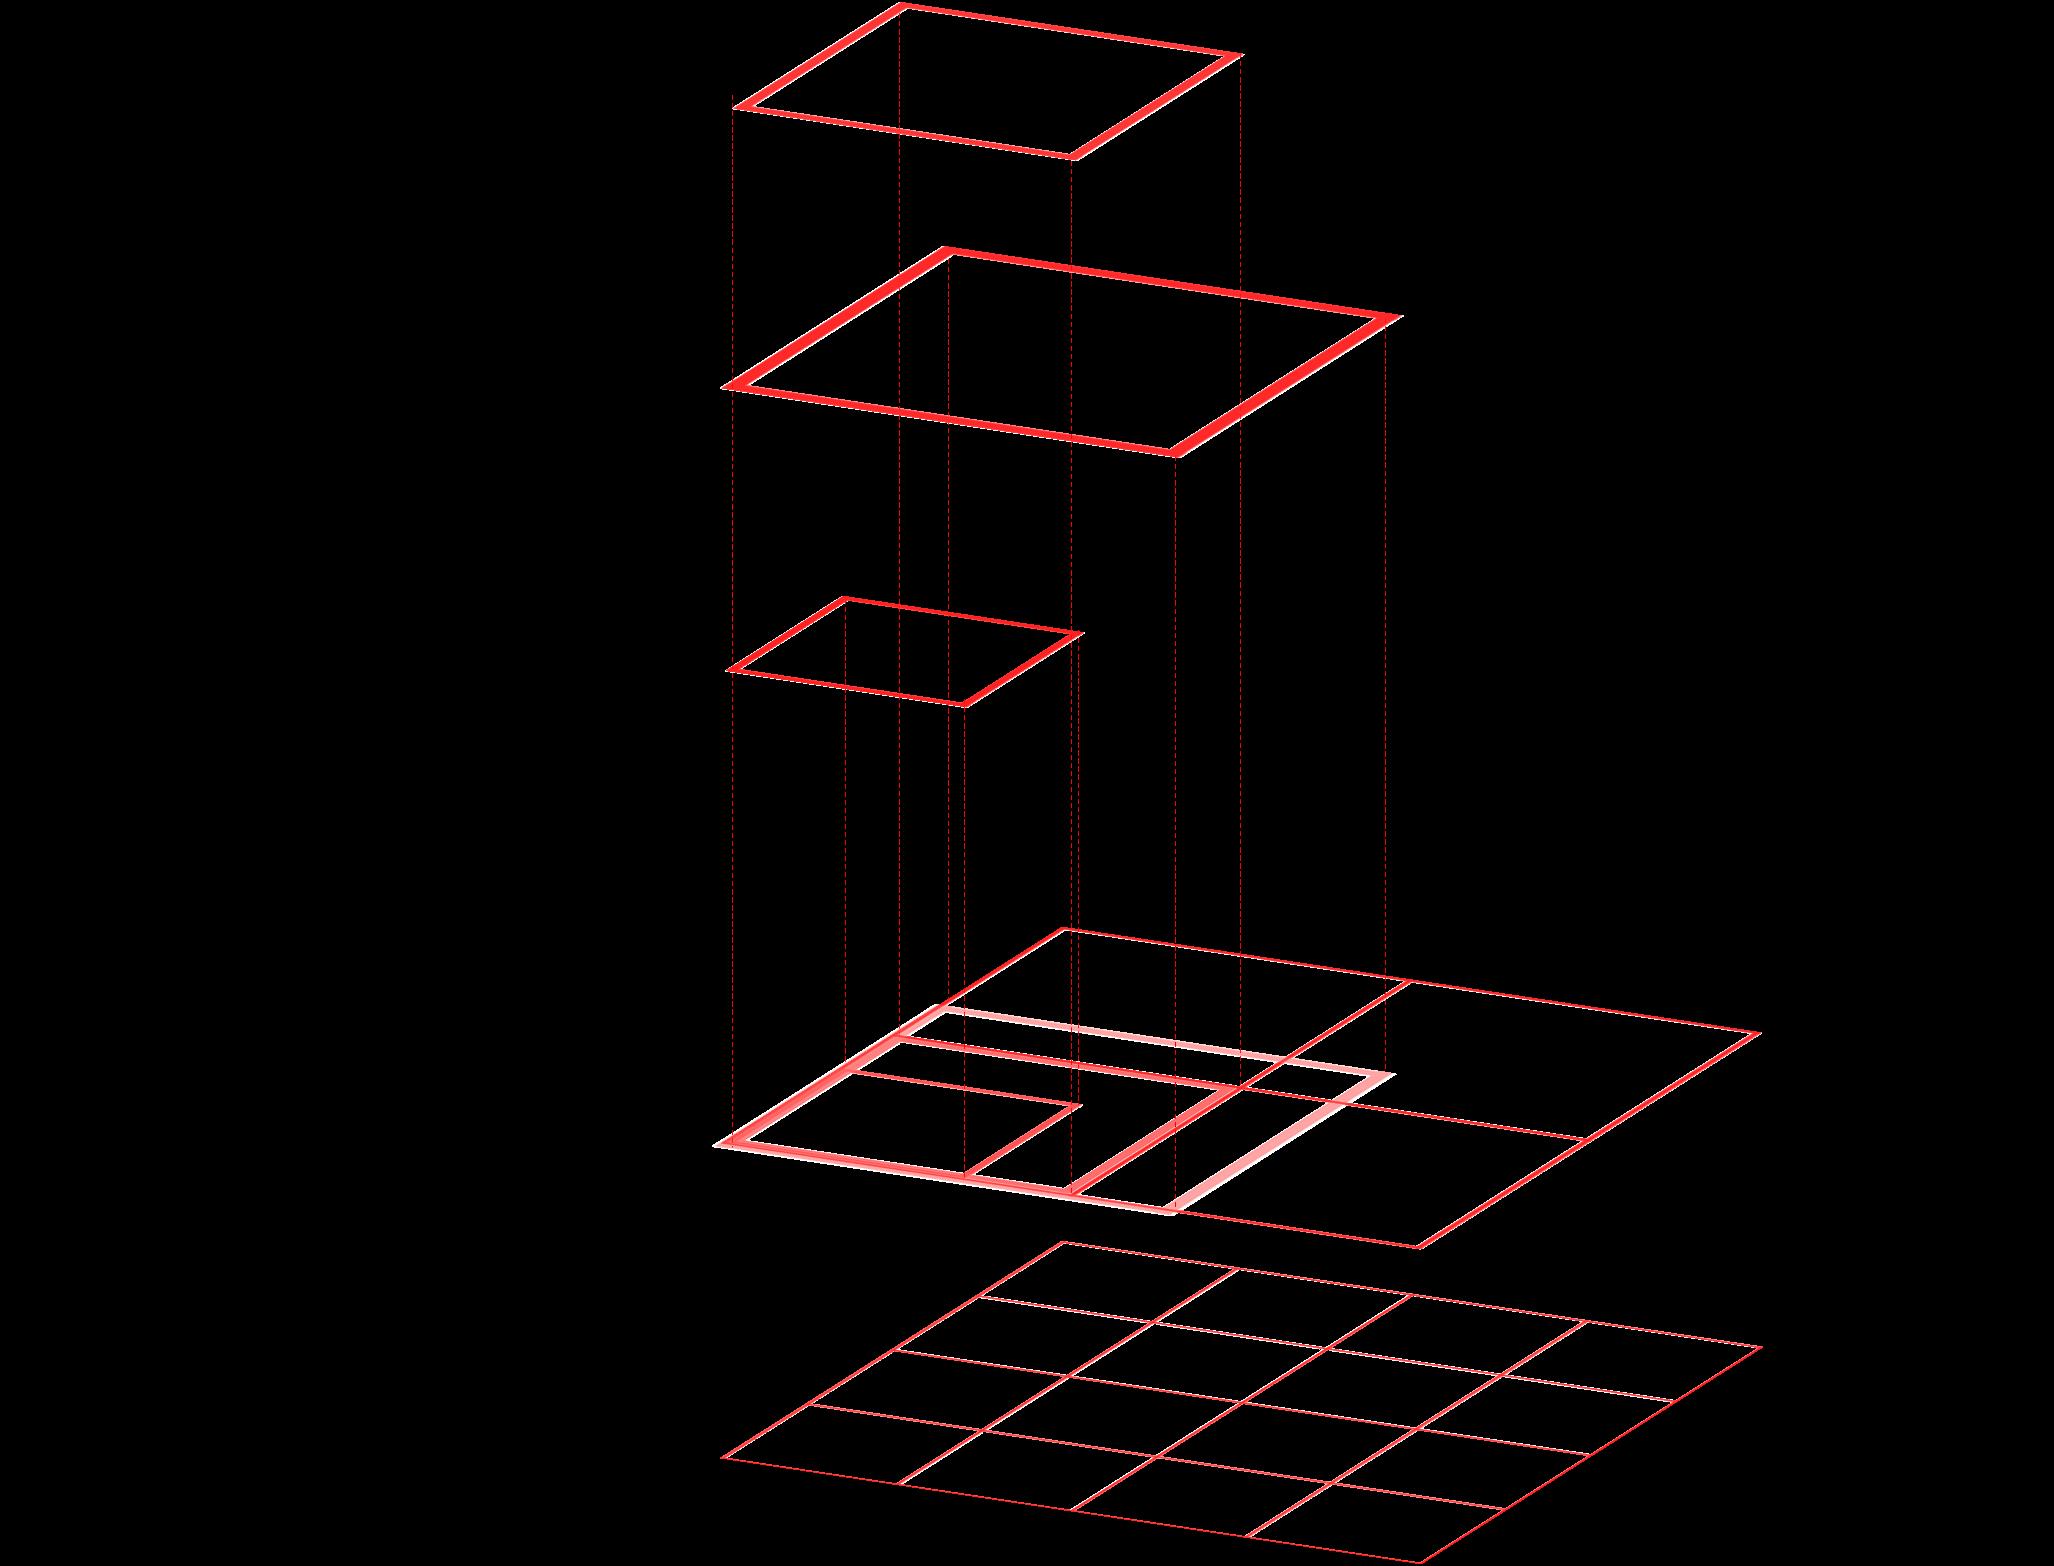 三種のピクセルの関係